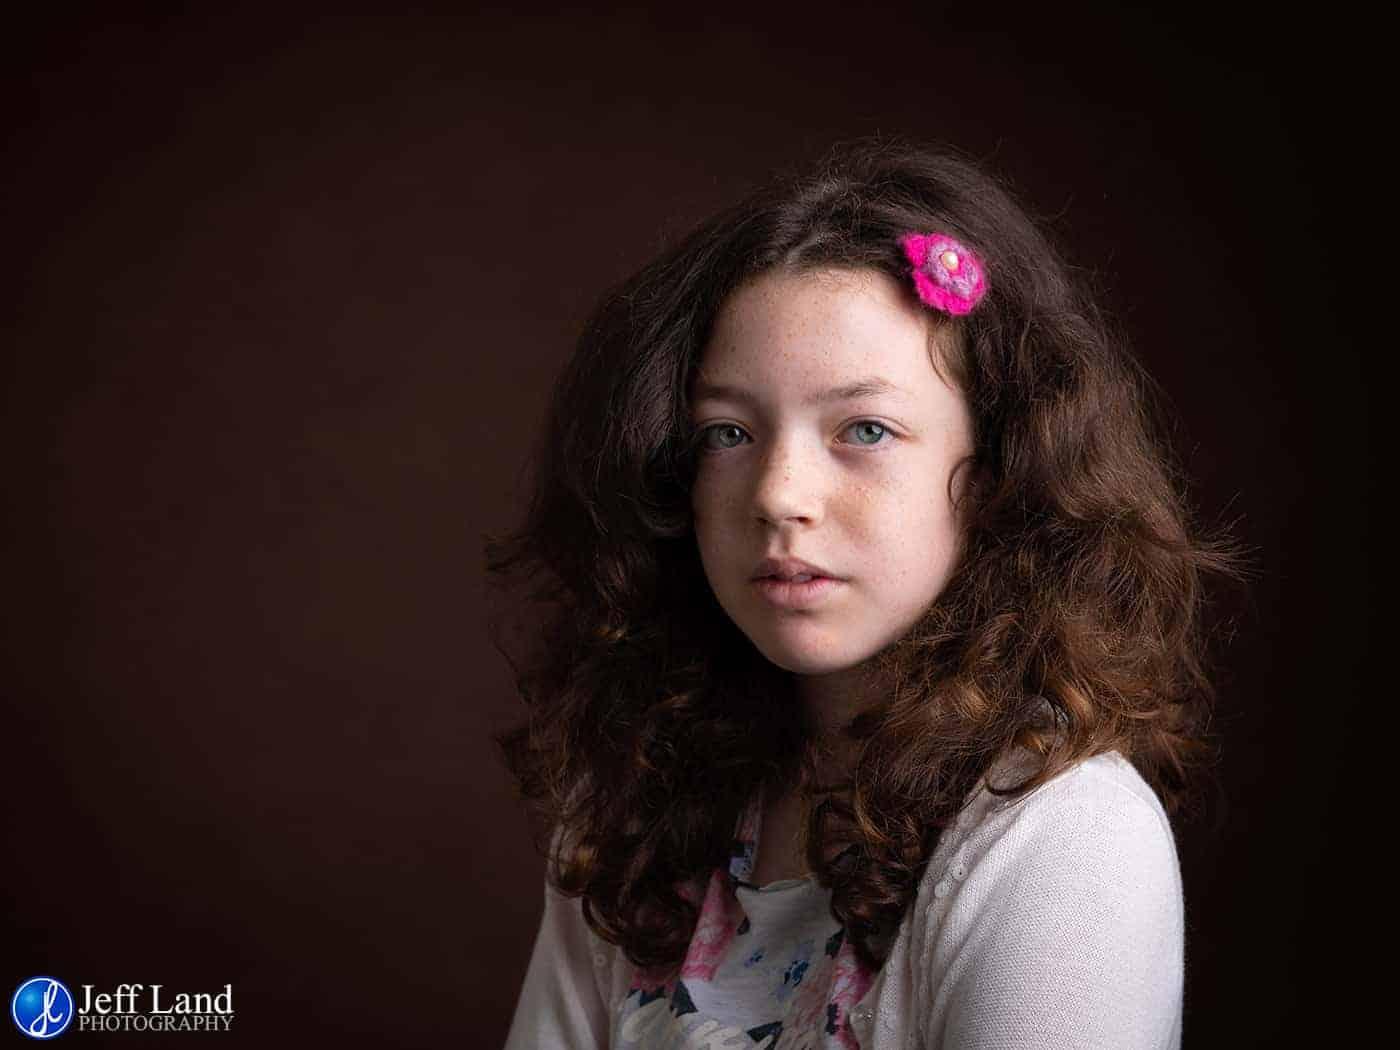 Child Portrait, Photographer. Stratford upon Avon, Warwickshire